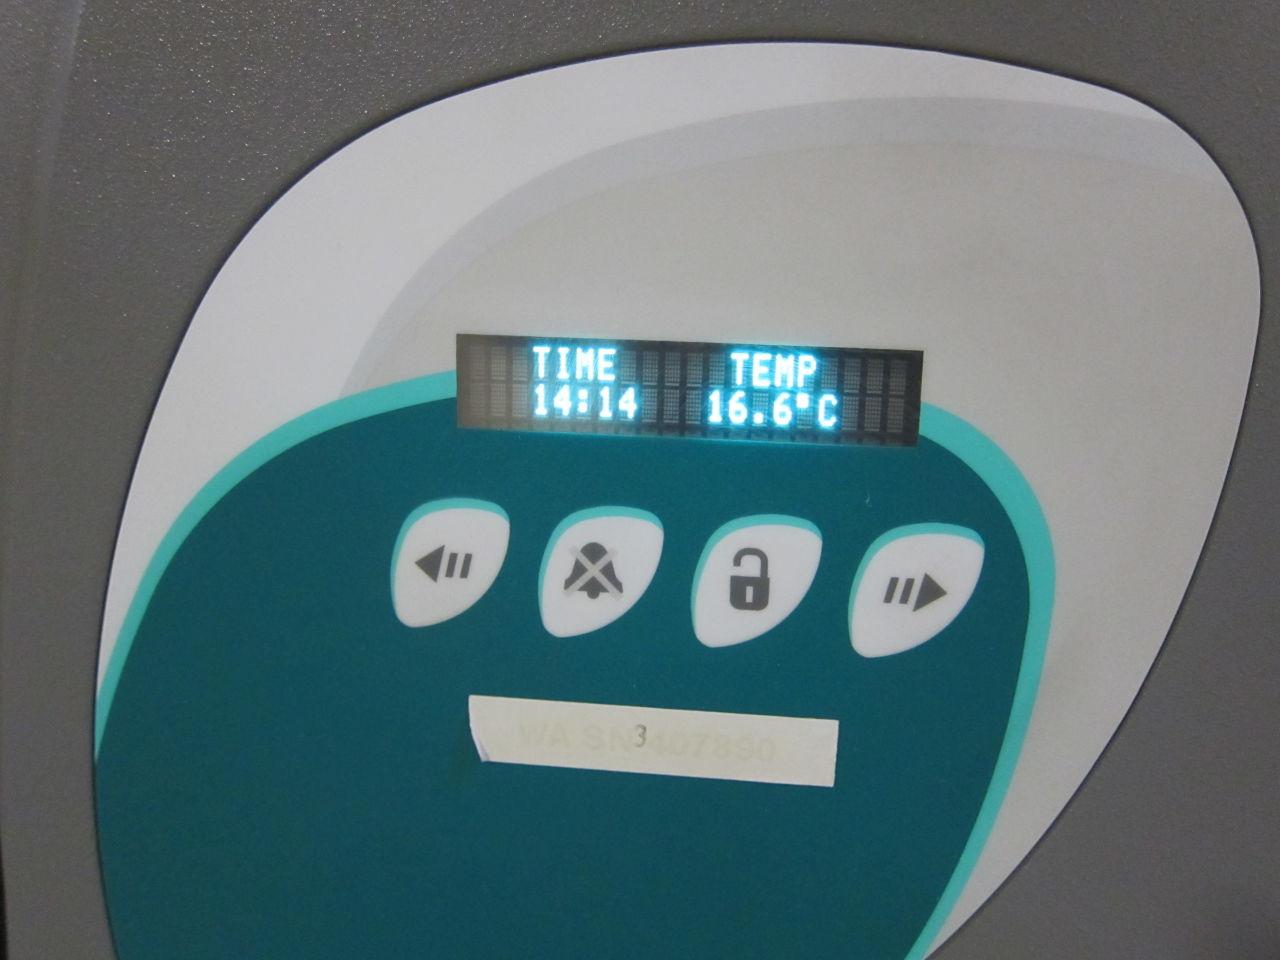 SIEMENS Microscan Walkaway 40 Plus Analyzer